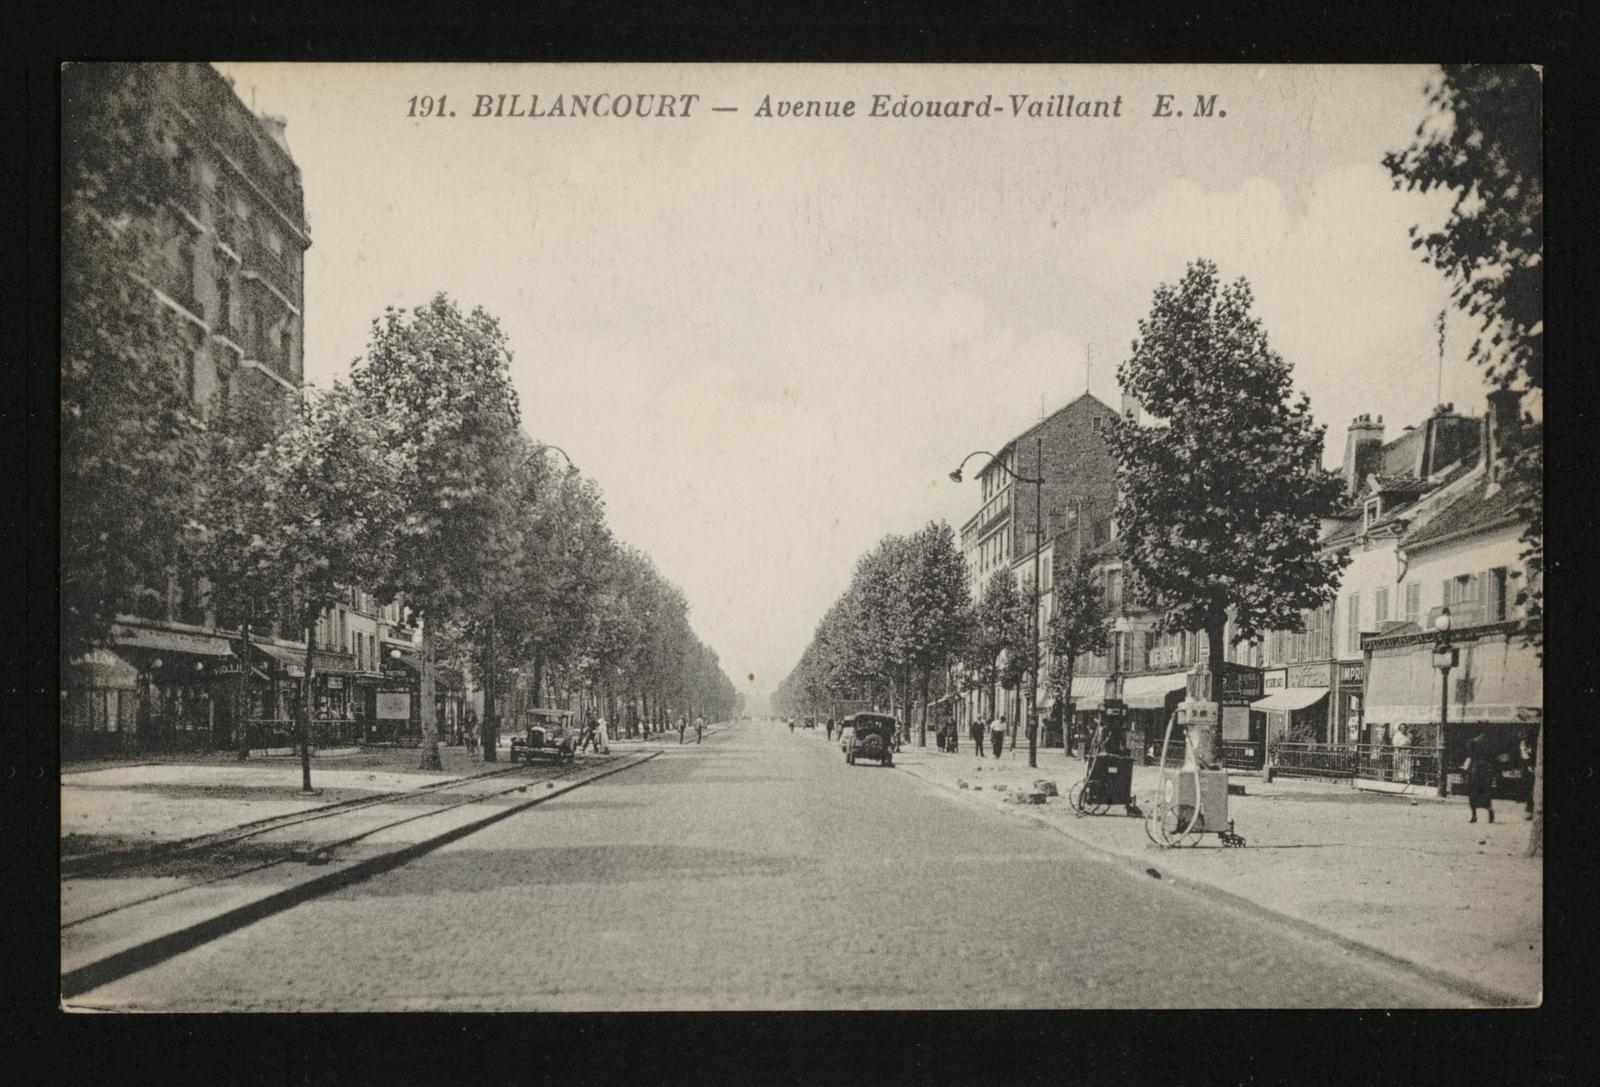 100 Fantastique Idées Avenue Edouard Vaillant Boulogne